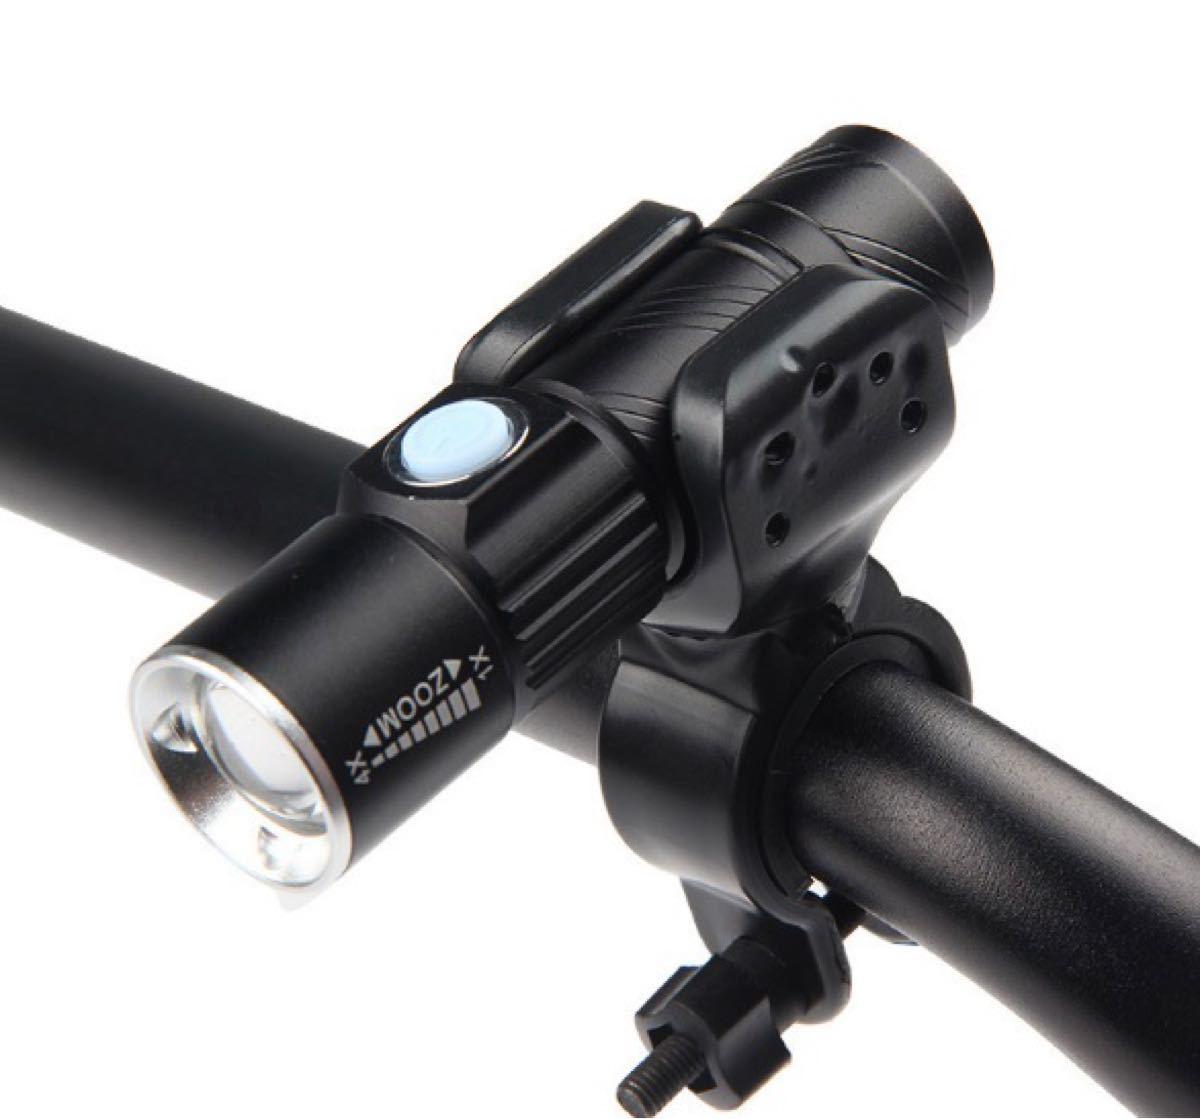 ☆ホルダー付き☆サイクリング&アウトドア USB充電 懐中電灯 led 強力 防水 携帯